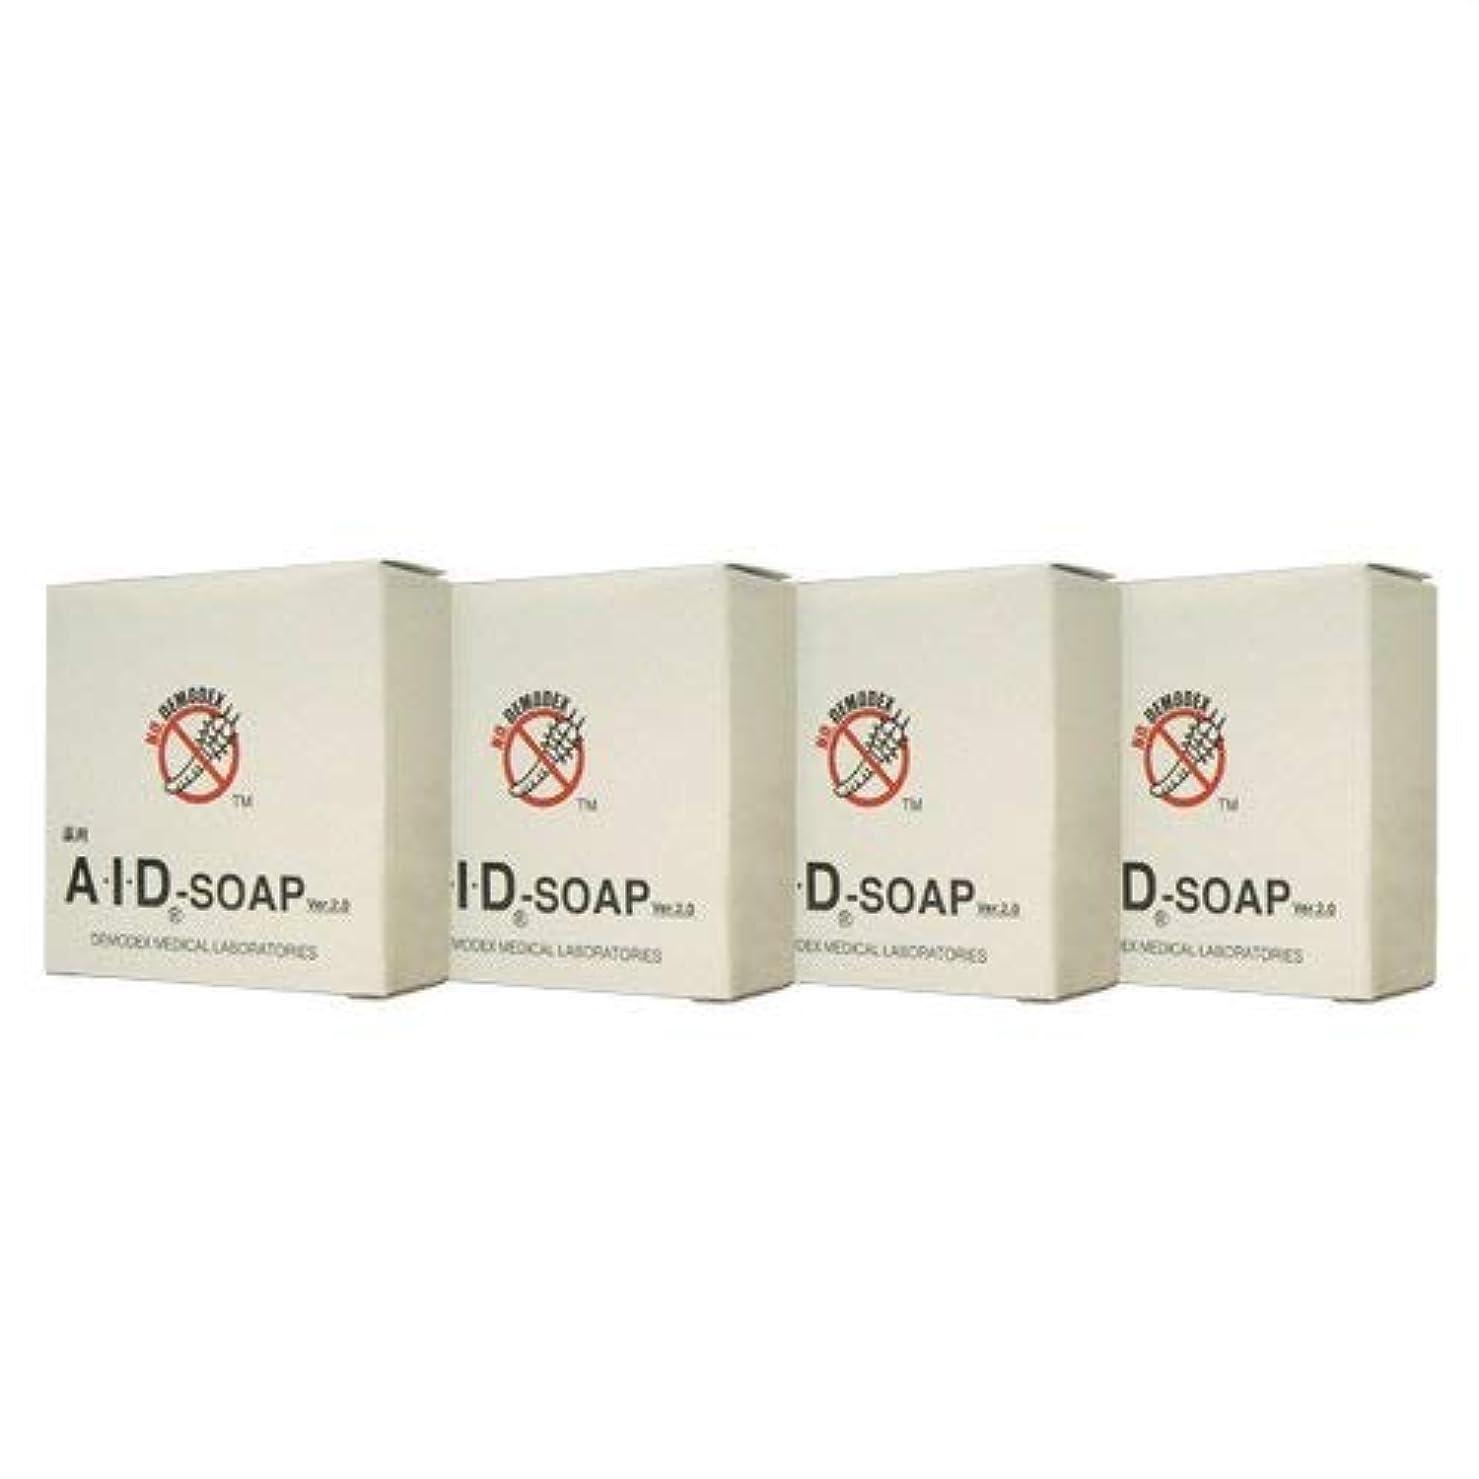 AIDソープ 40g×4個セット